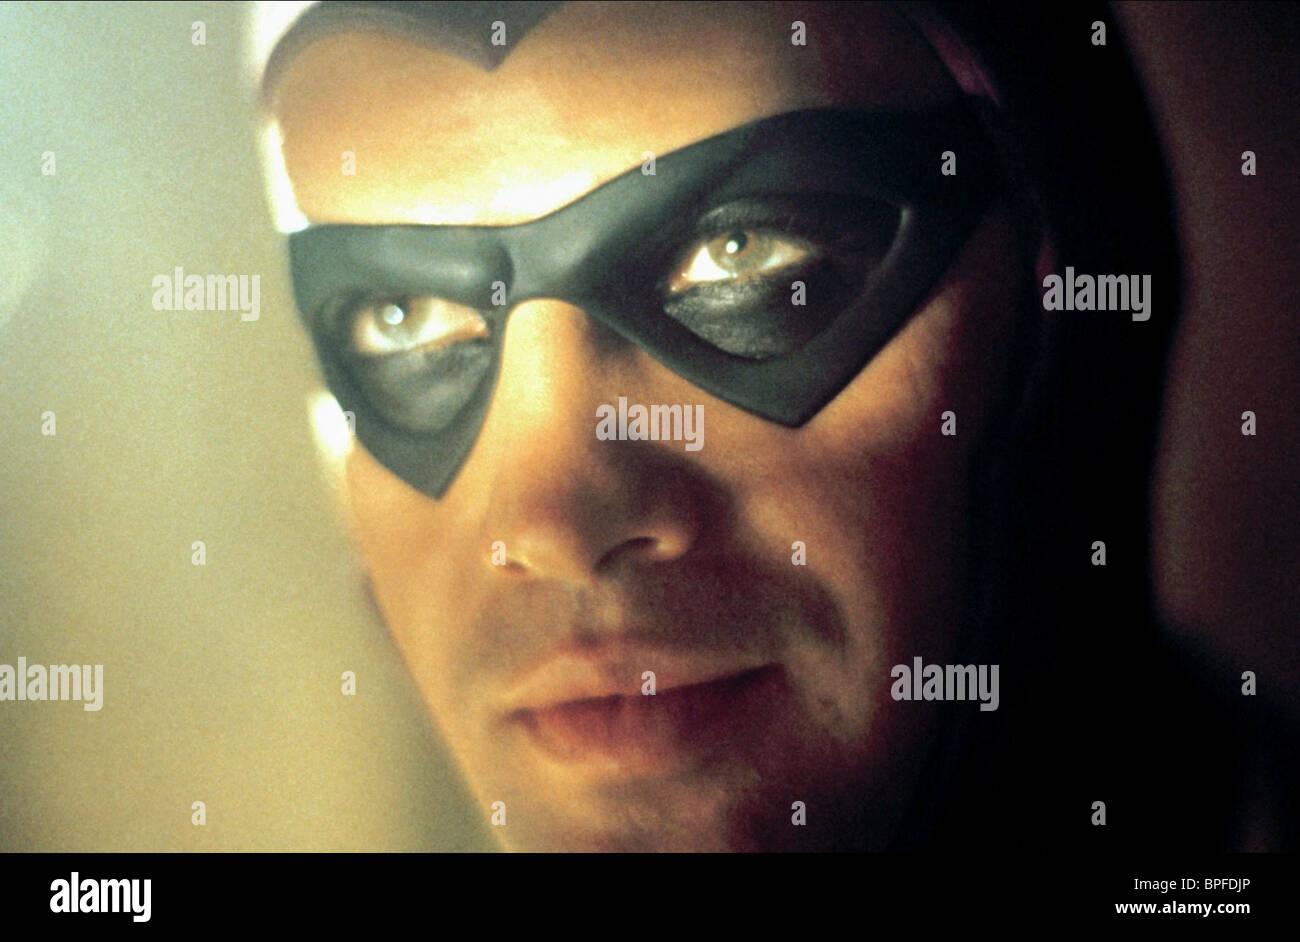 KRISTY SWANSON, BILLY ZANE, THE PHANTOM, 1996 - Stock Image